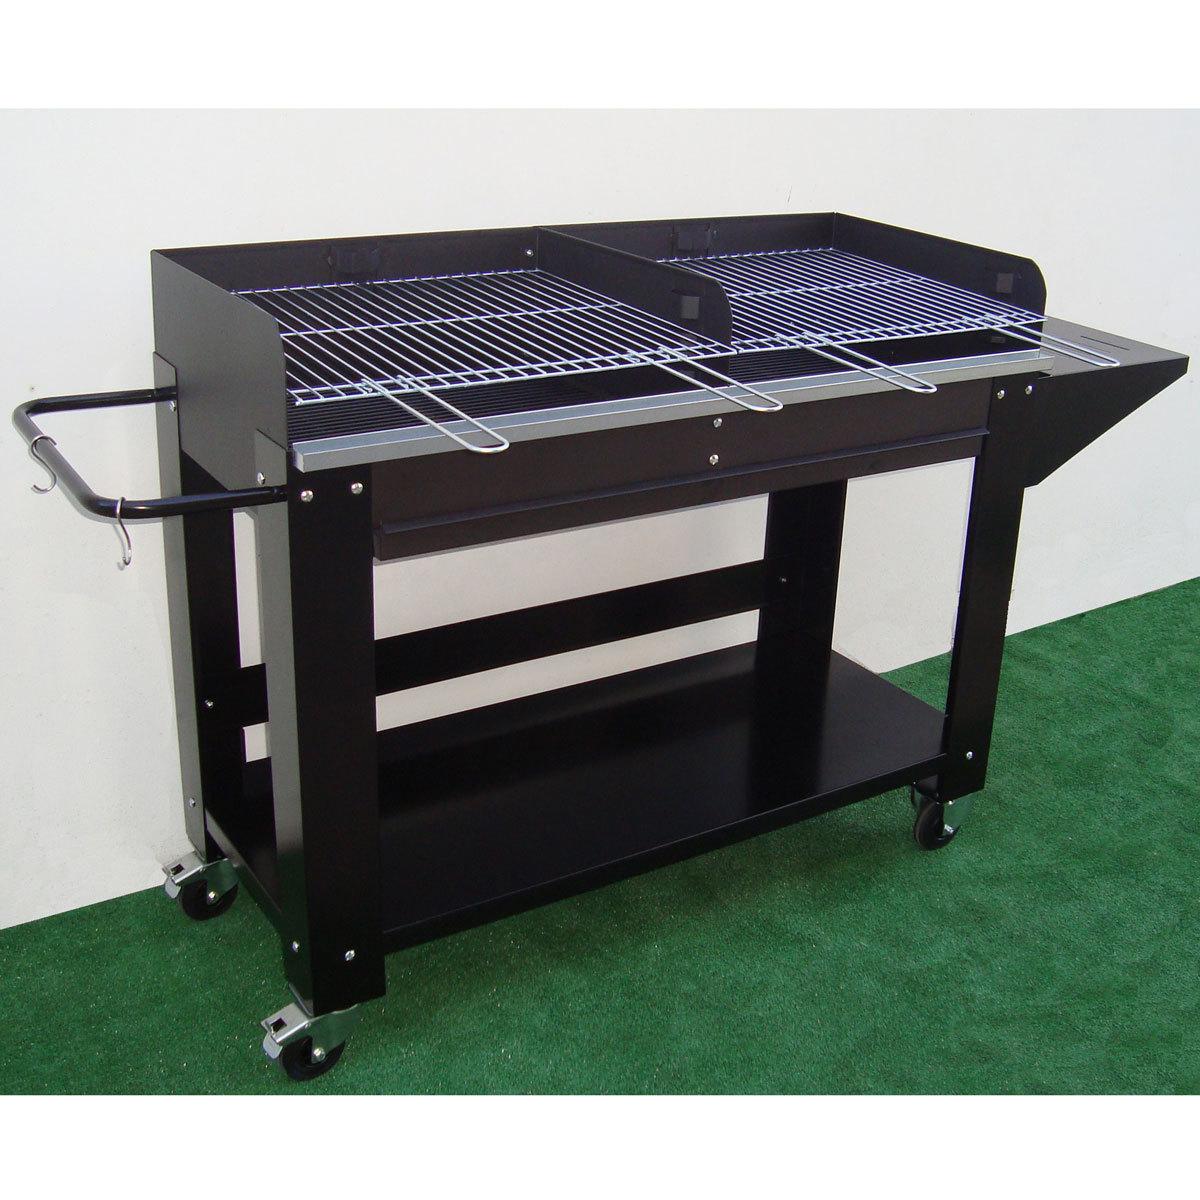 grand barbecue charbon professionnel